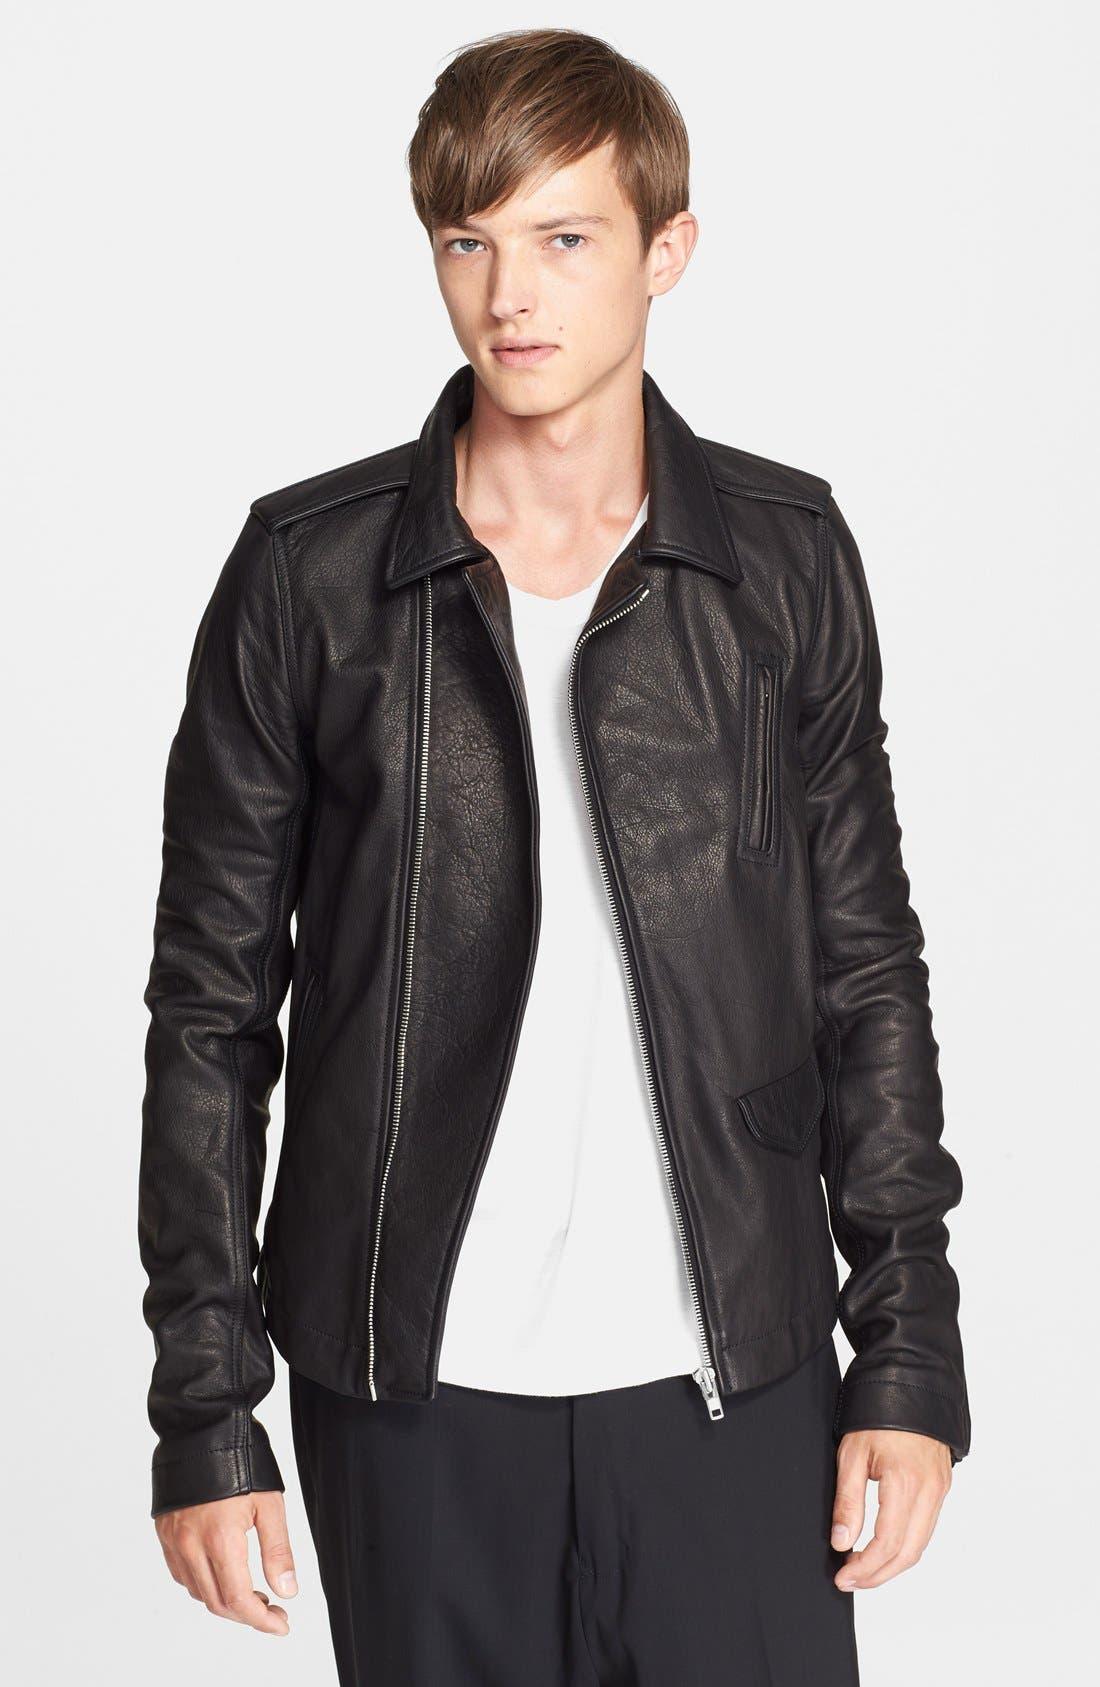 Alternate Image 1 Selected - Rick Owens 'Stooges' Leather Biker Jacket